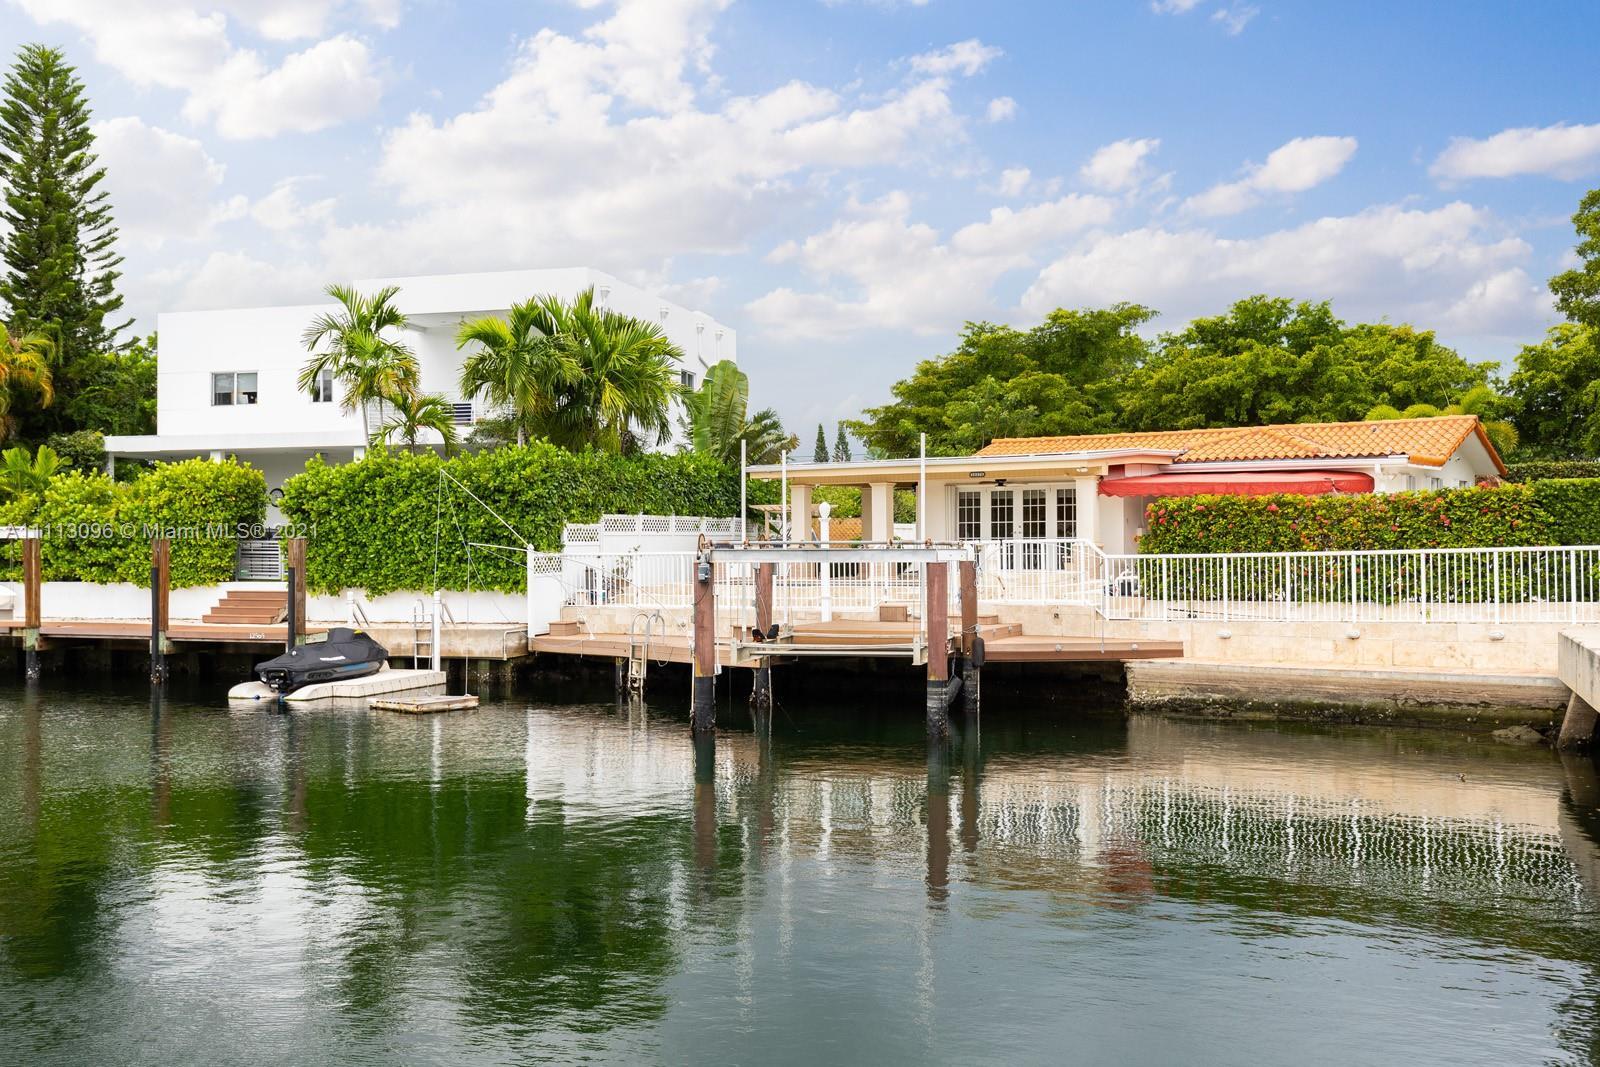 Keystone Point - 12575 Palm Rd, North Miami, FL 33181